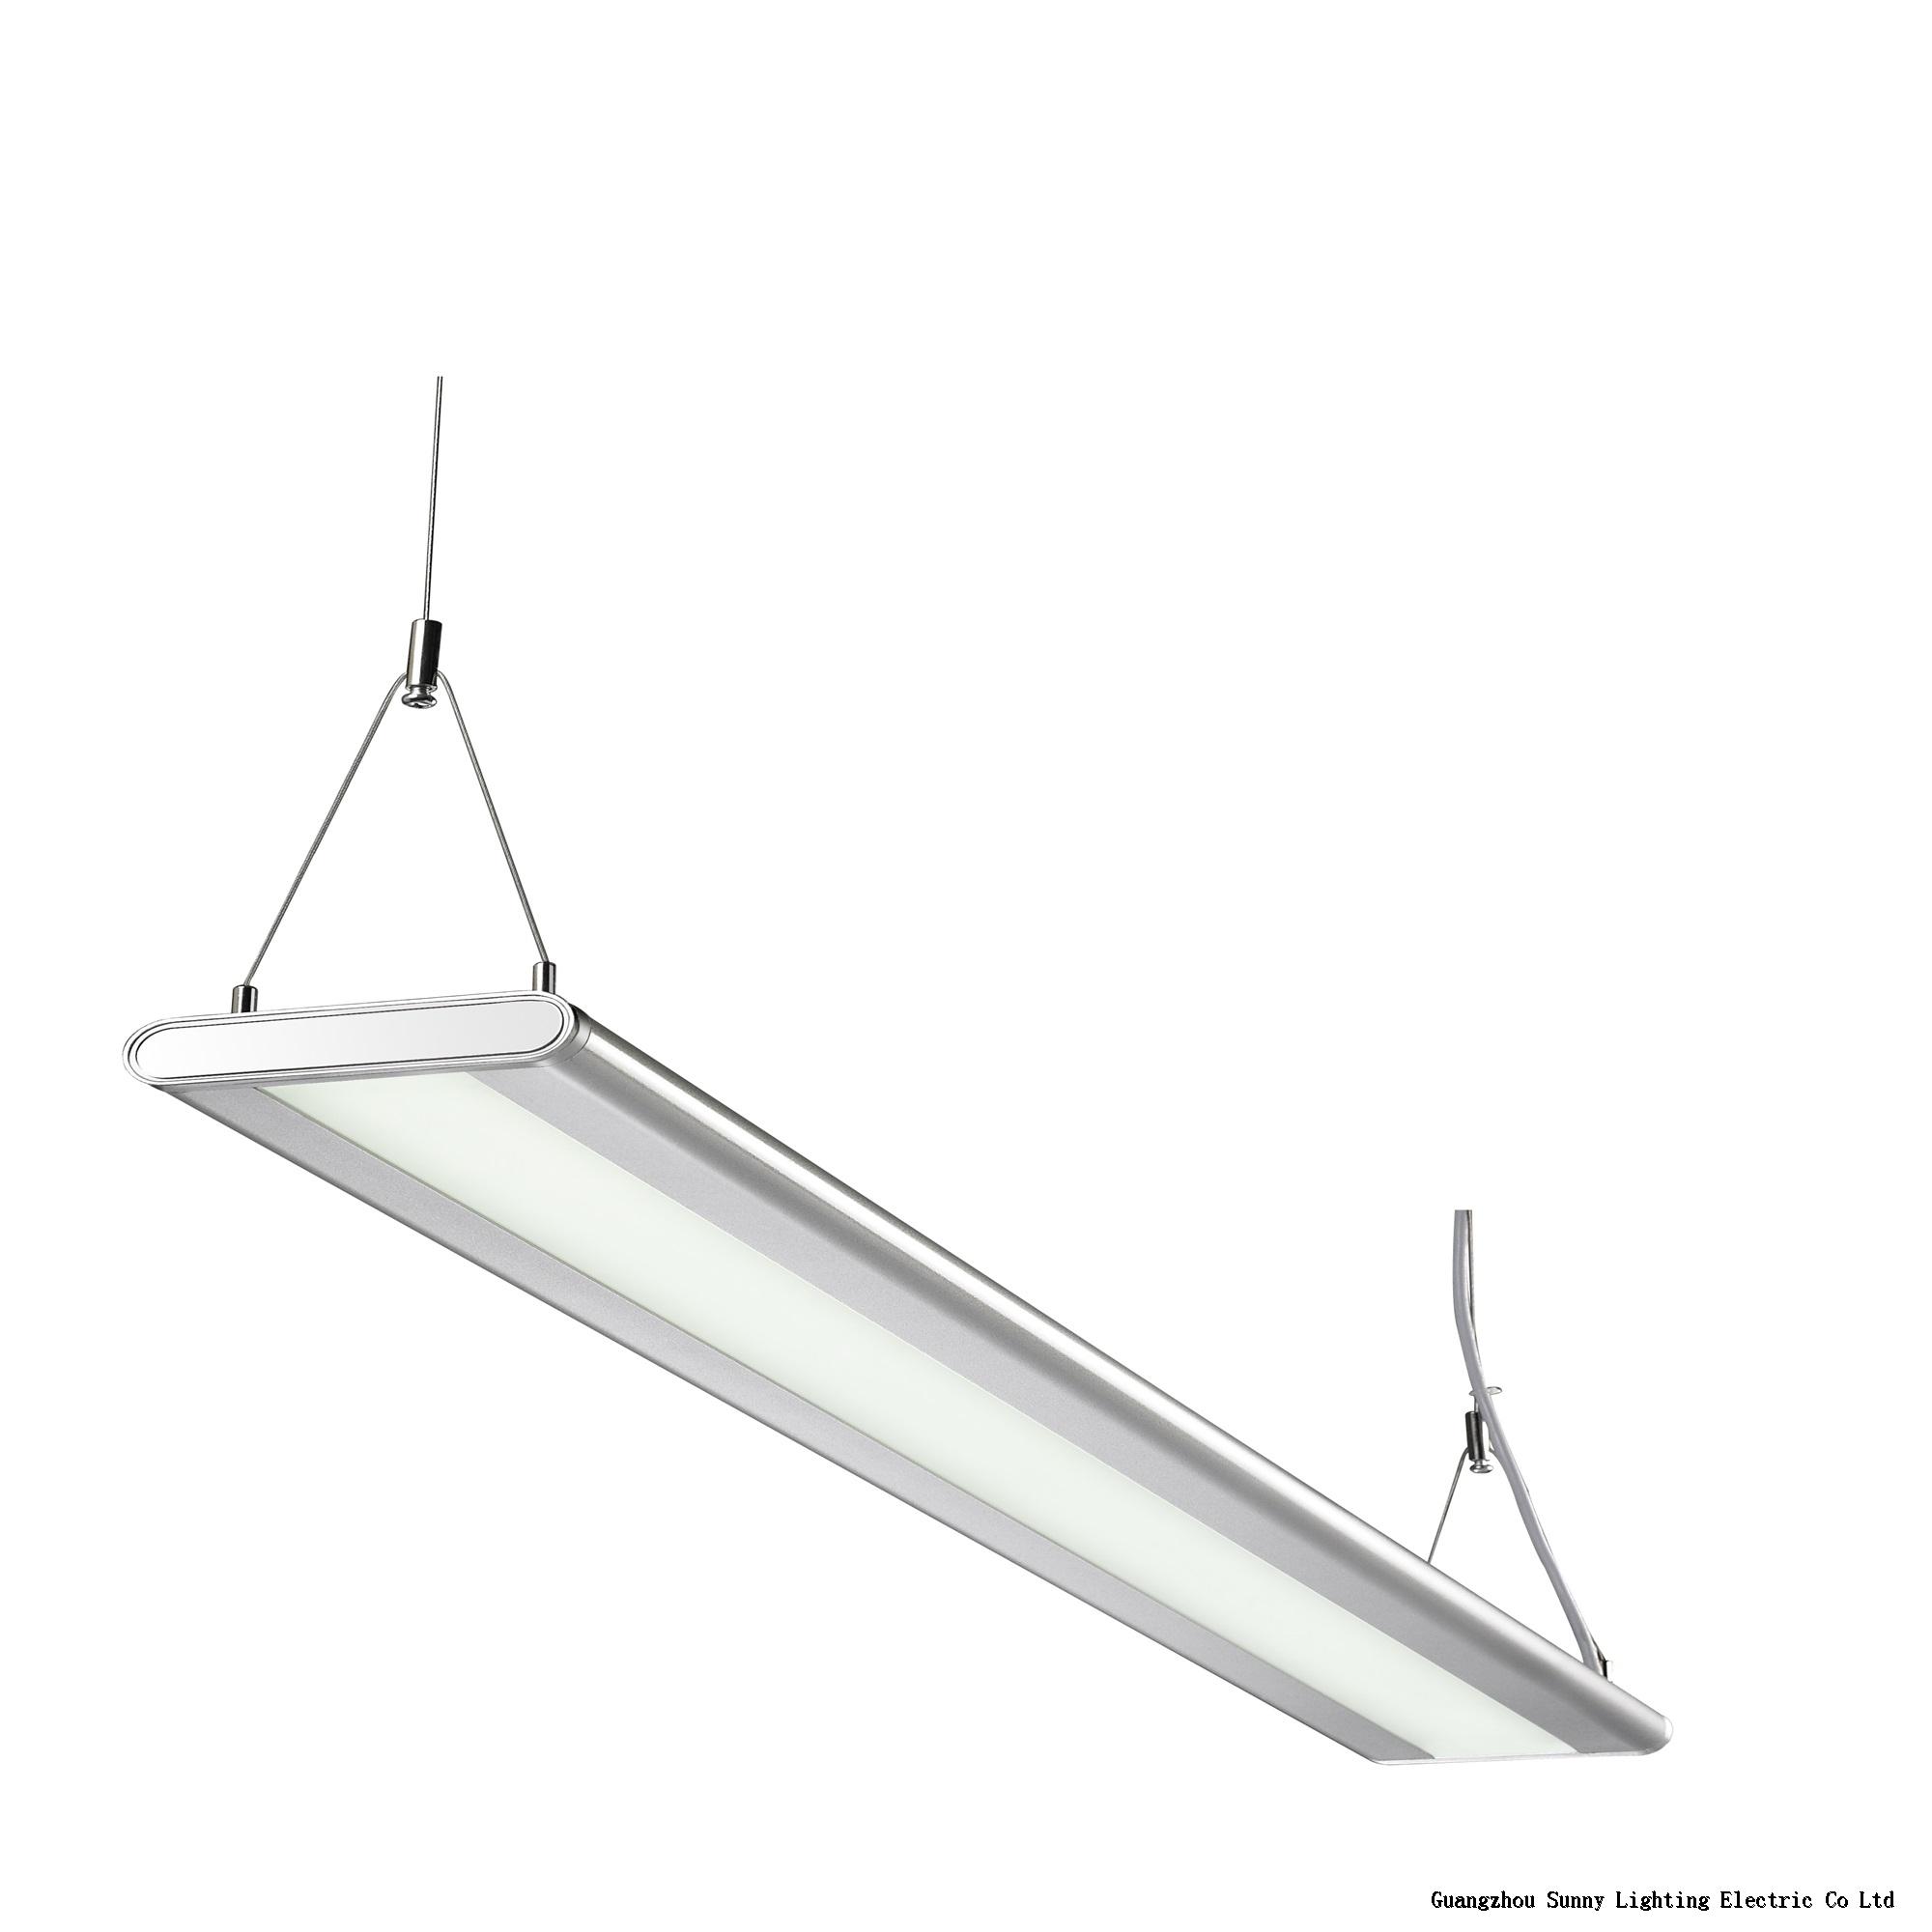 LED Flat Lighting Fixture